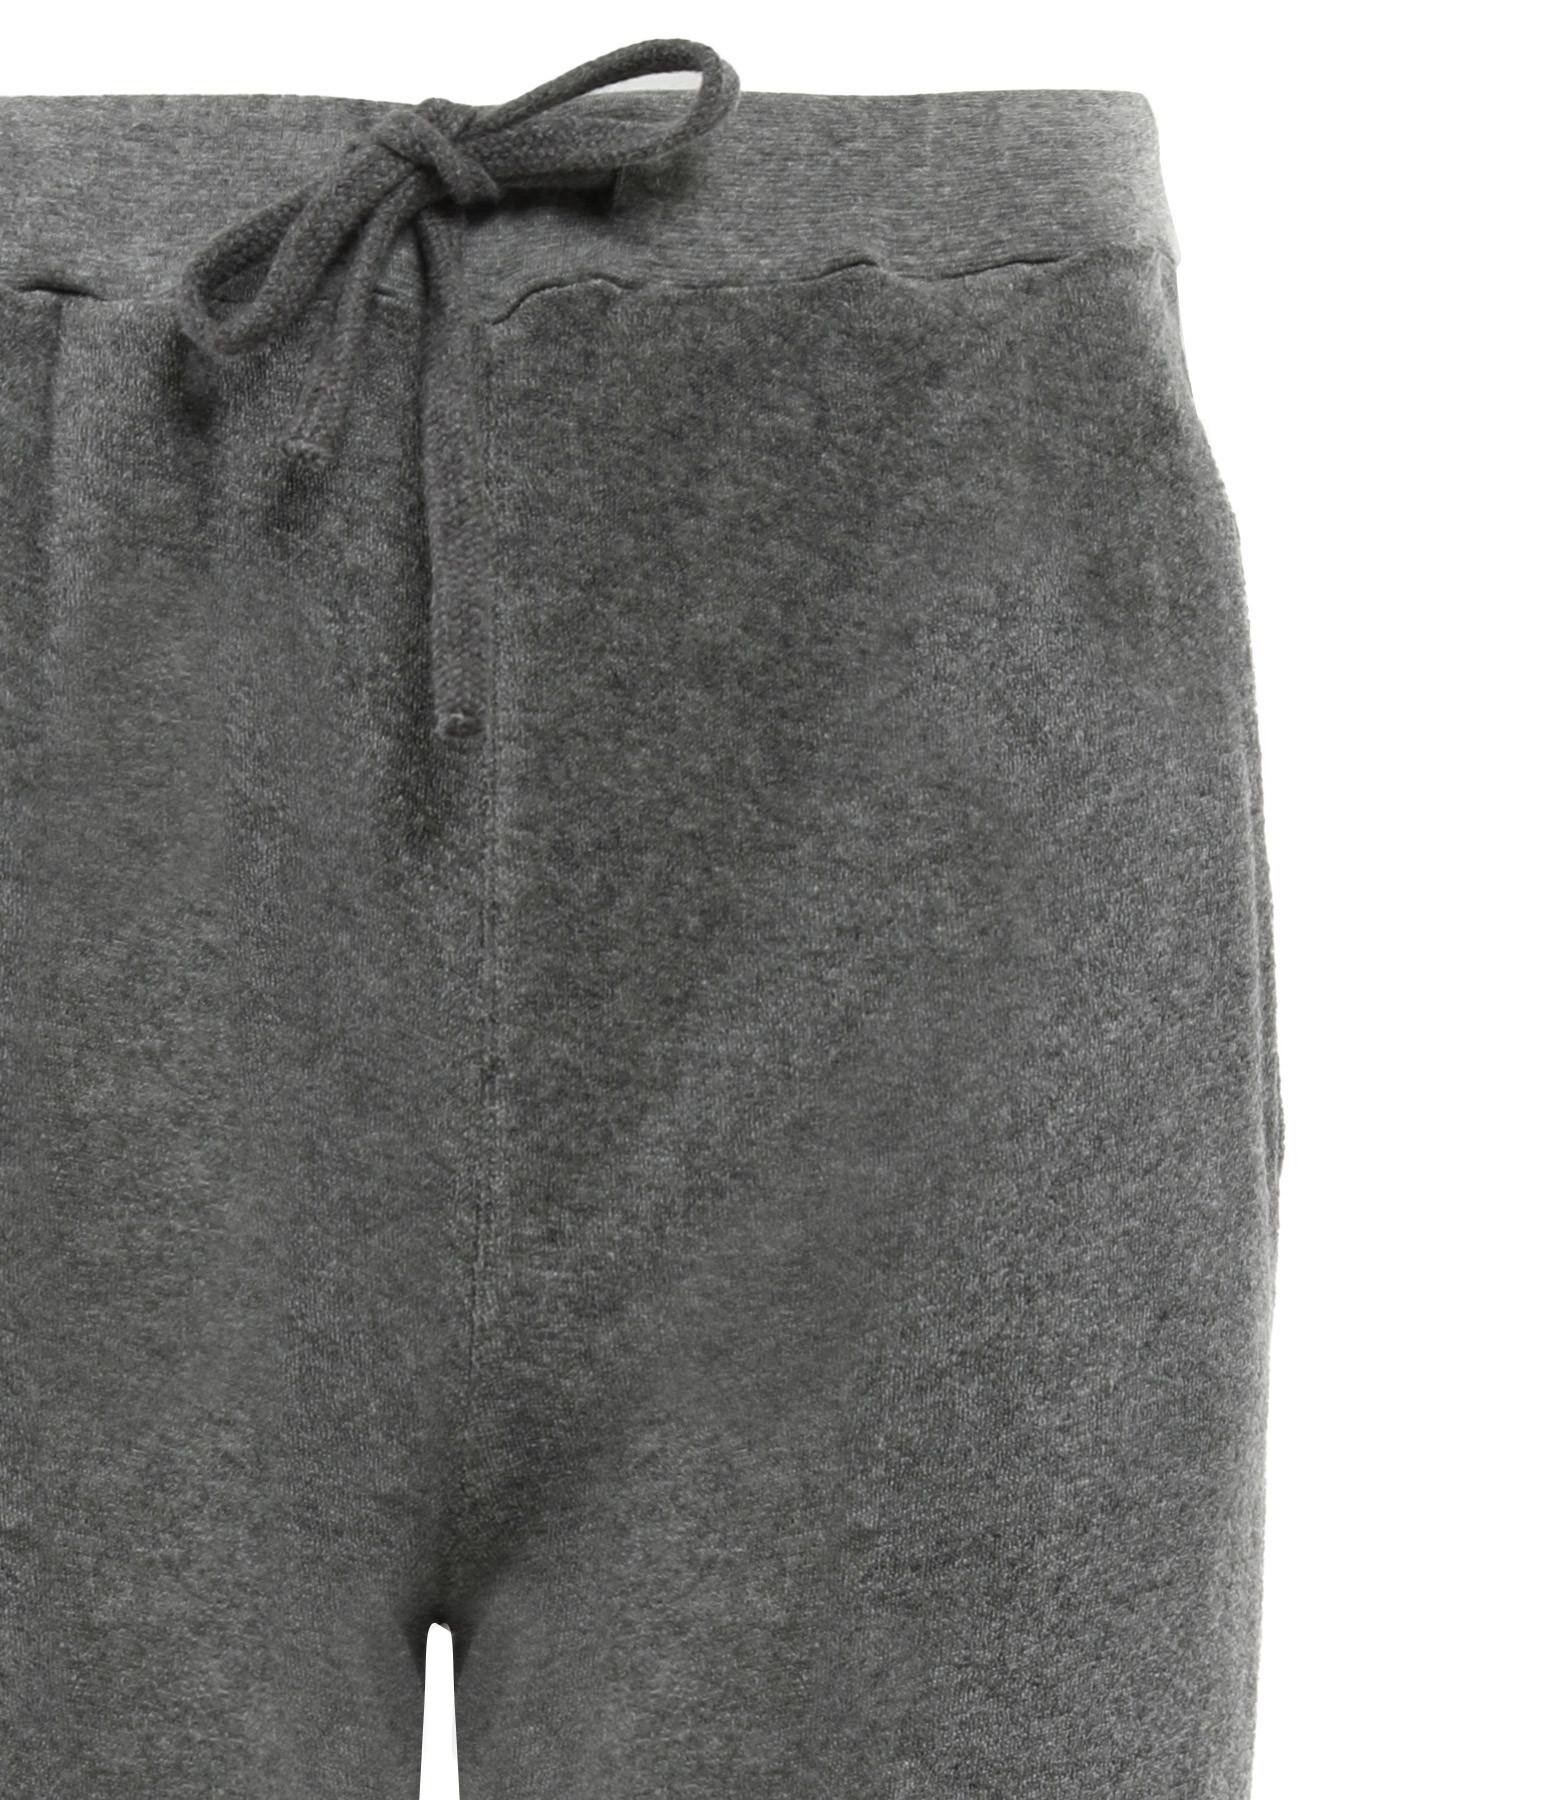 MAJESTIC FILATURES - Jogging Coton Gris Chiné, Collection Cindy Bruna